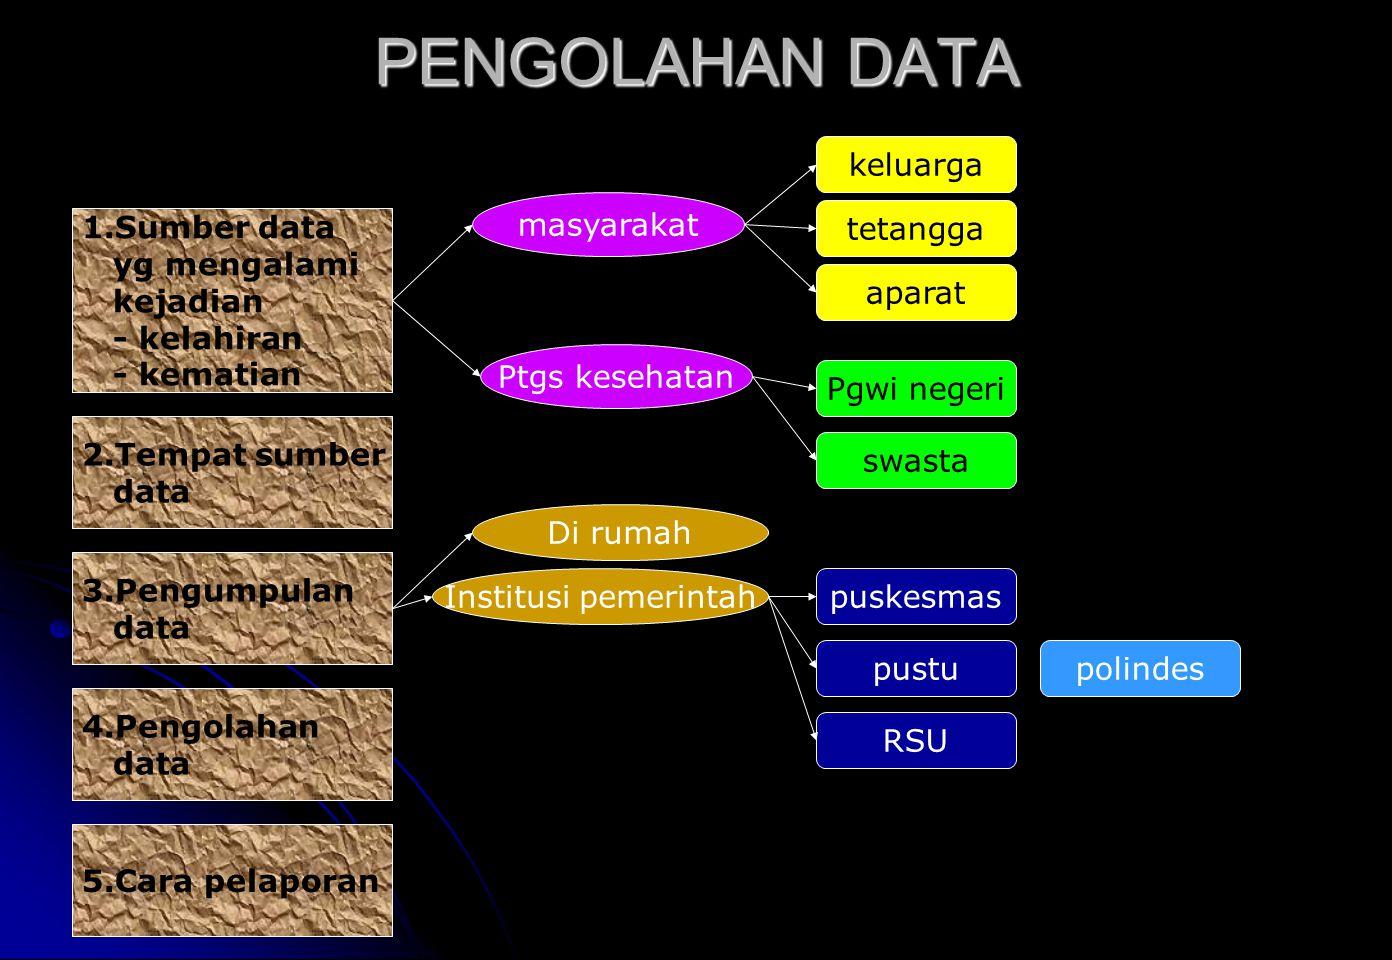 PERMASALAHAN 1.Baru bisa mengumpulkan tp belum bisa menghitung AKI & AKB (tugas statistik) 2.